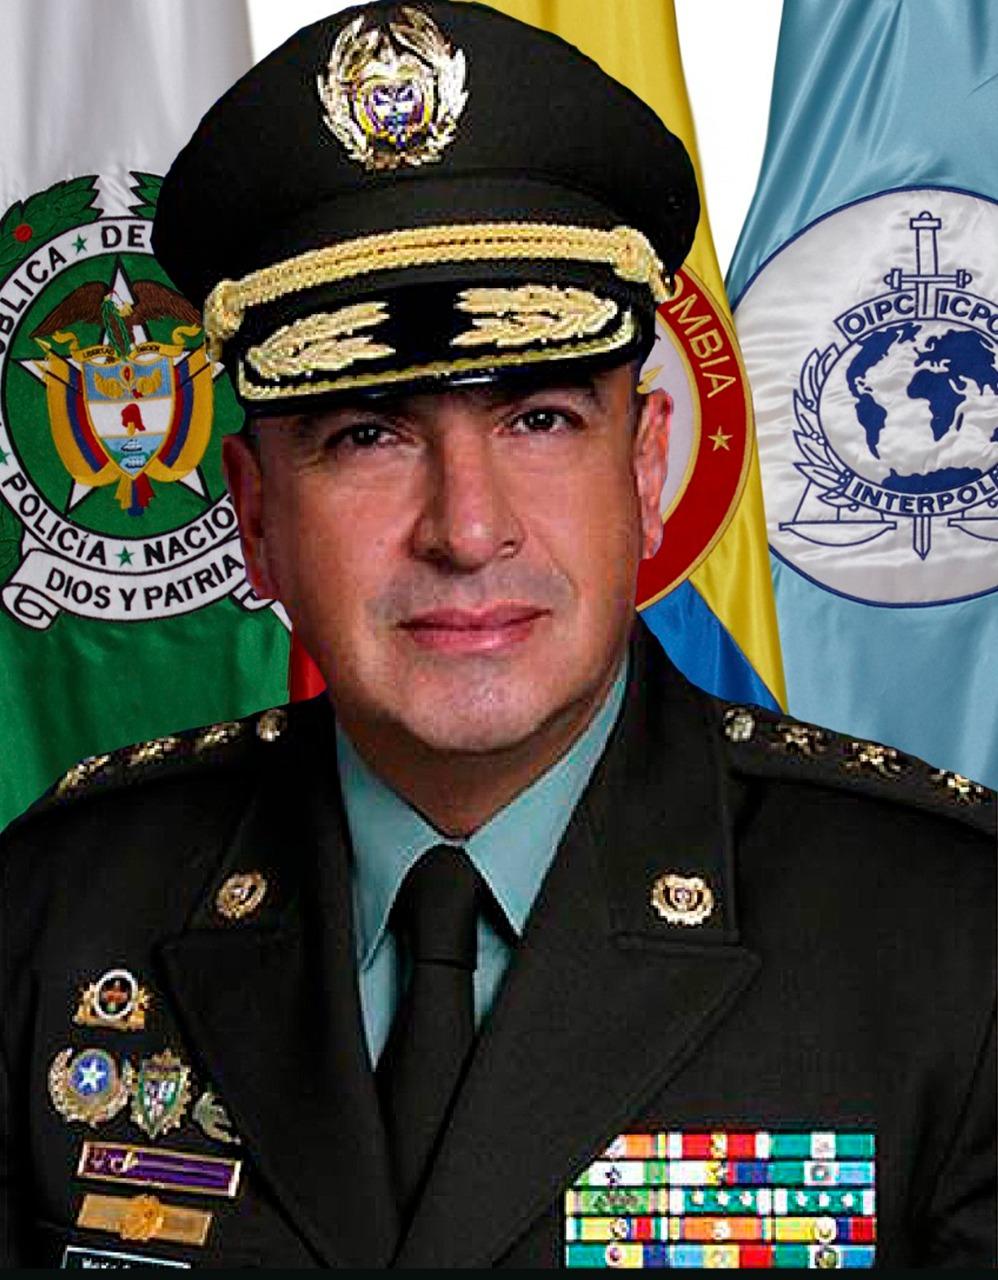 hoyennoticia.com, Nuevo comandante de la Región de Policía No.8